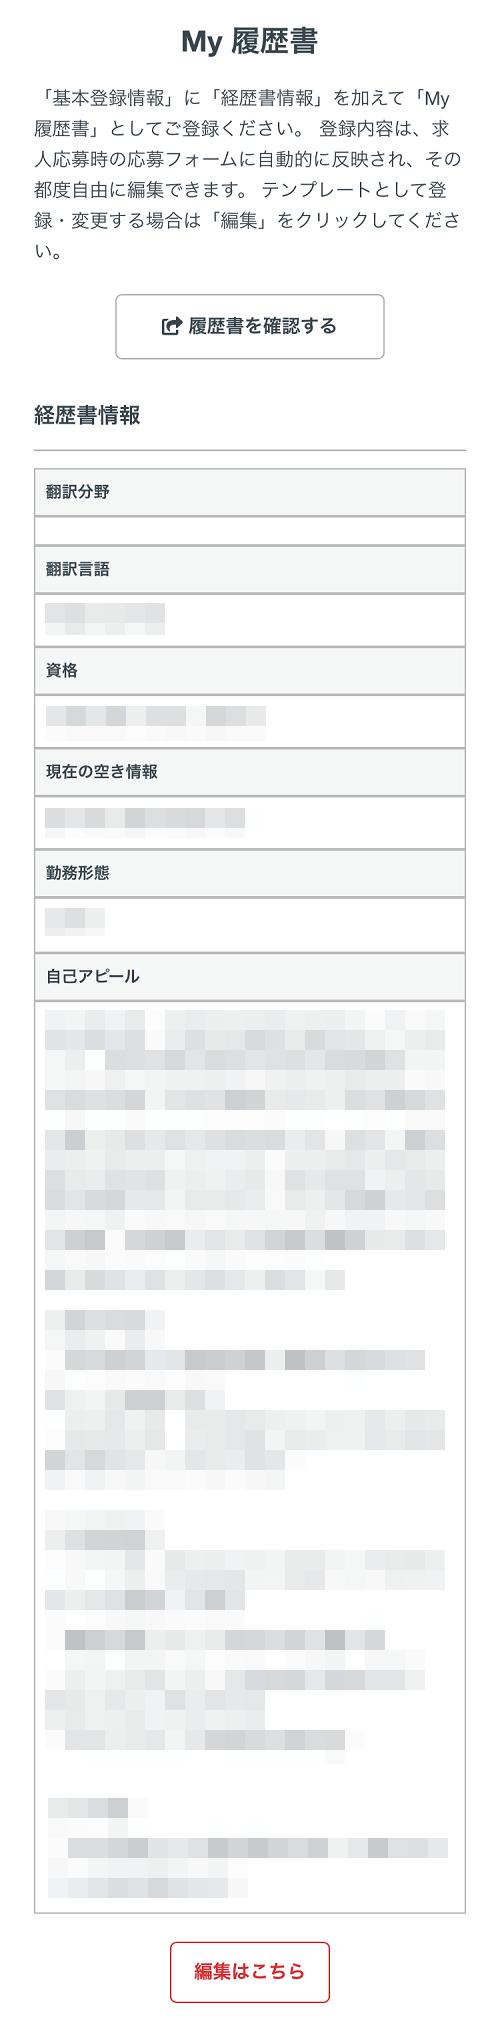 翻訳者ネットワーク「アメリア」My履歴書